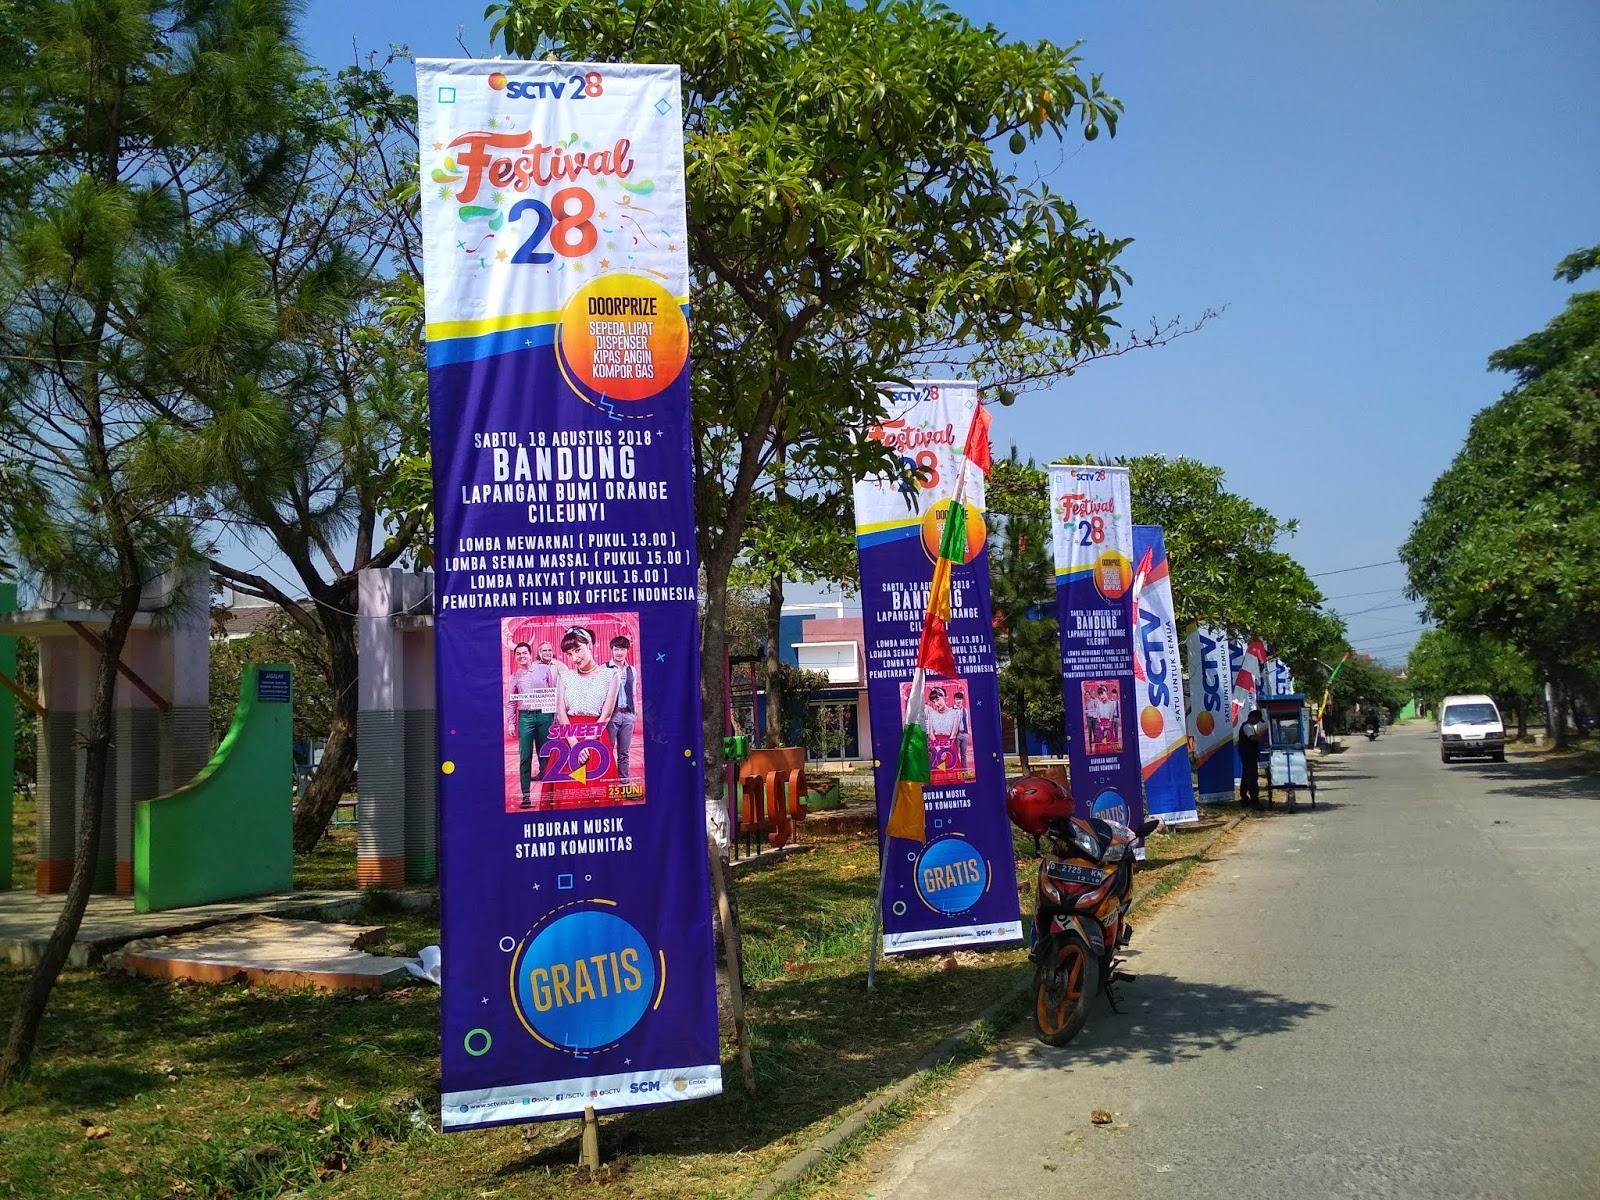 Jasa Pasang Spanduk Jasa Pasang Baliho Jasa Pasang T Banner